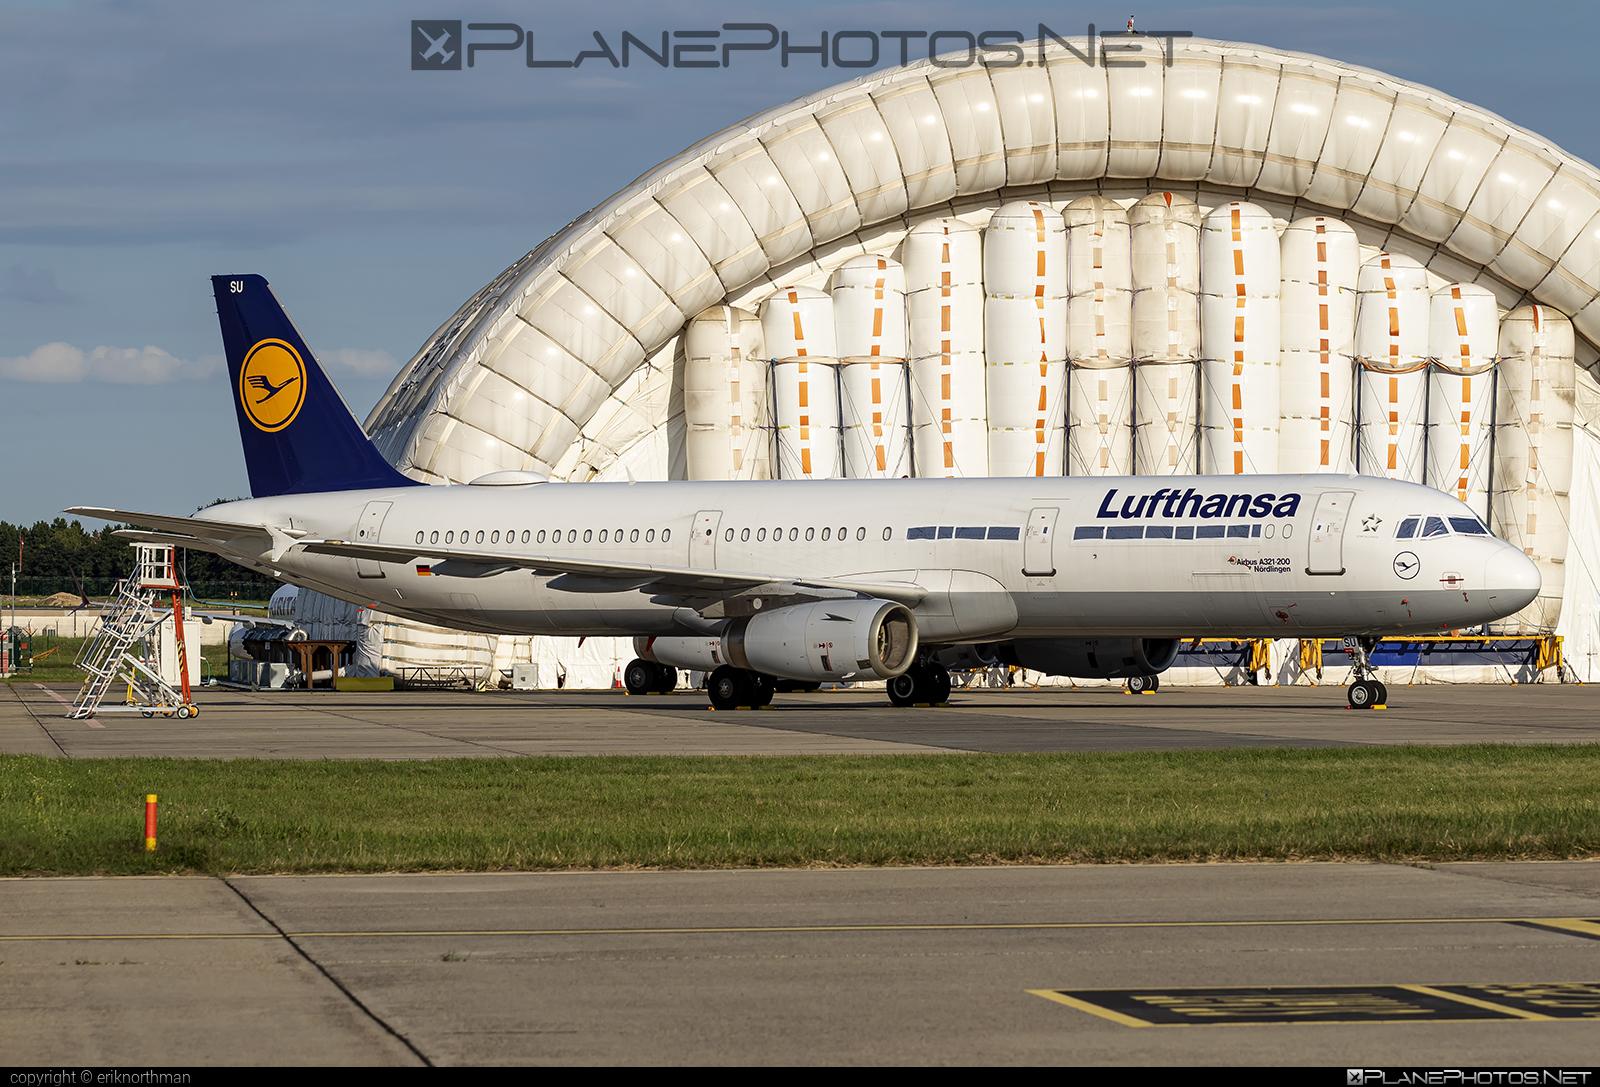 Airbus A321-231 - D-AISU operated by Lufthansa #a320family #a321 #airbus #airbus321 #lufthansa